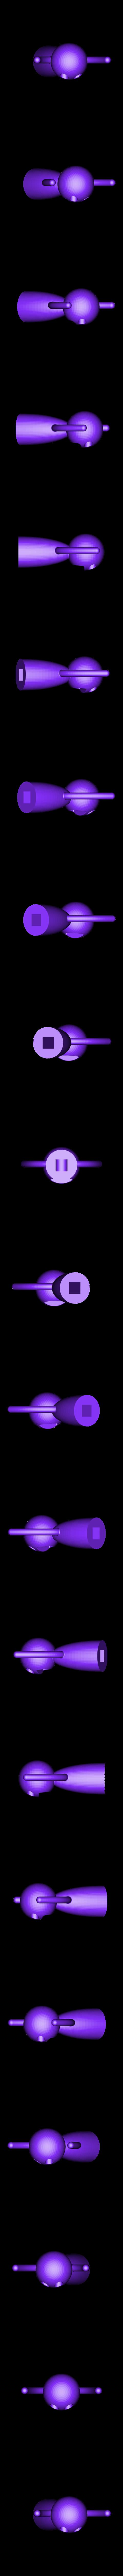 Function_Stickman_yx²_top.stl Télécharger fichier STL gratuit Dancing Function Stickmen • Plan pour impression 3D, Chrisibub